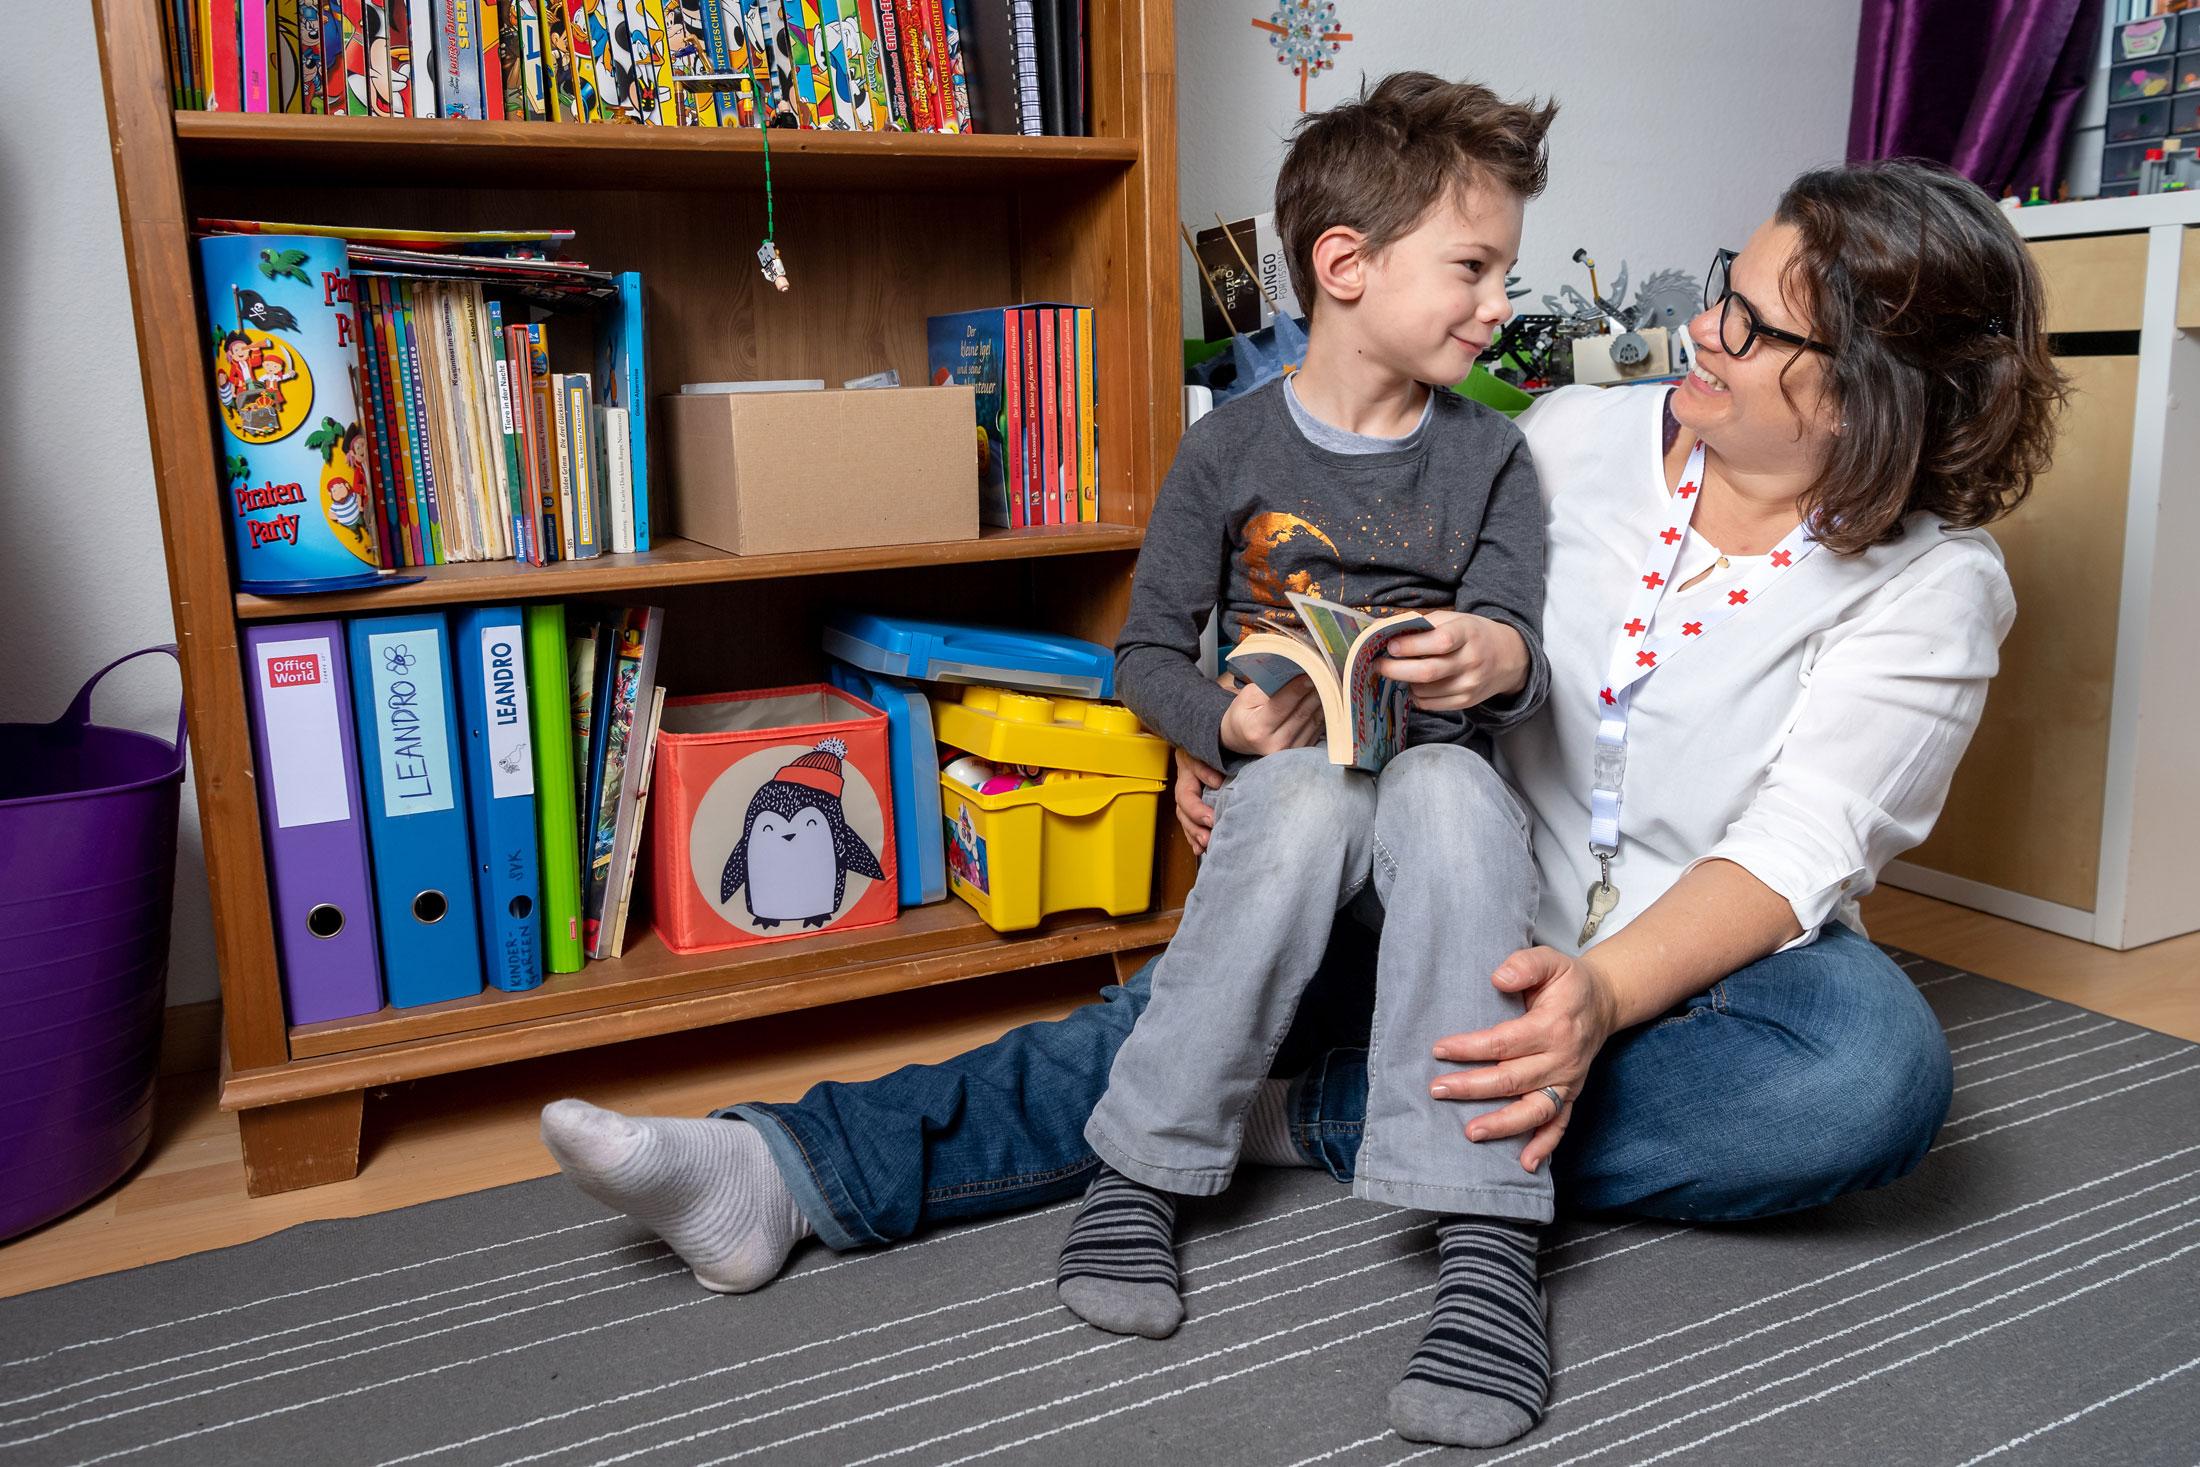 Les gardes d'enfants CRS s'occupent des petits avec beaucoup de sensibilité et un grand sens des responsabilités. (c) CRS, Remo Nägeli